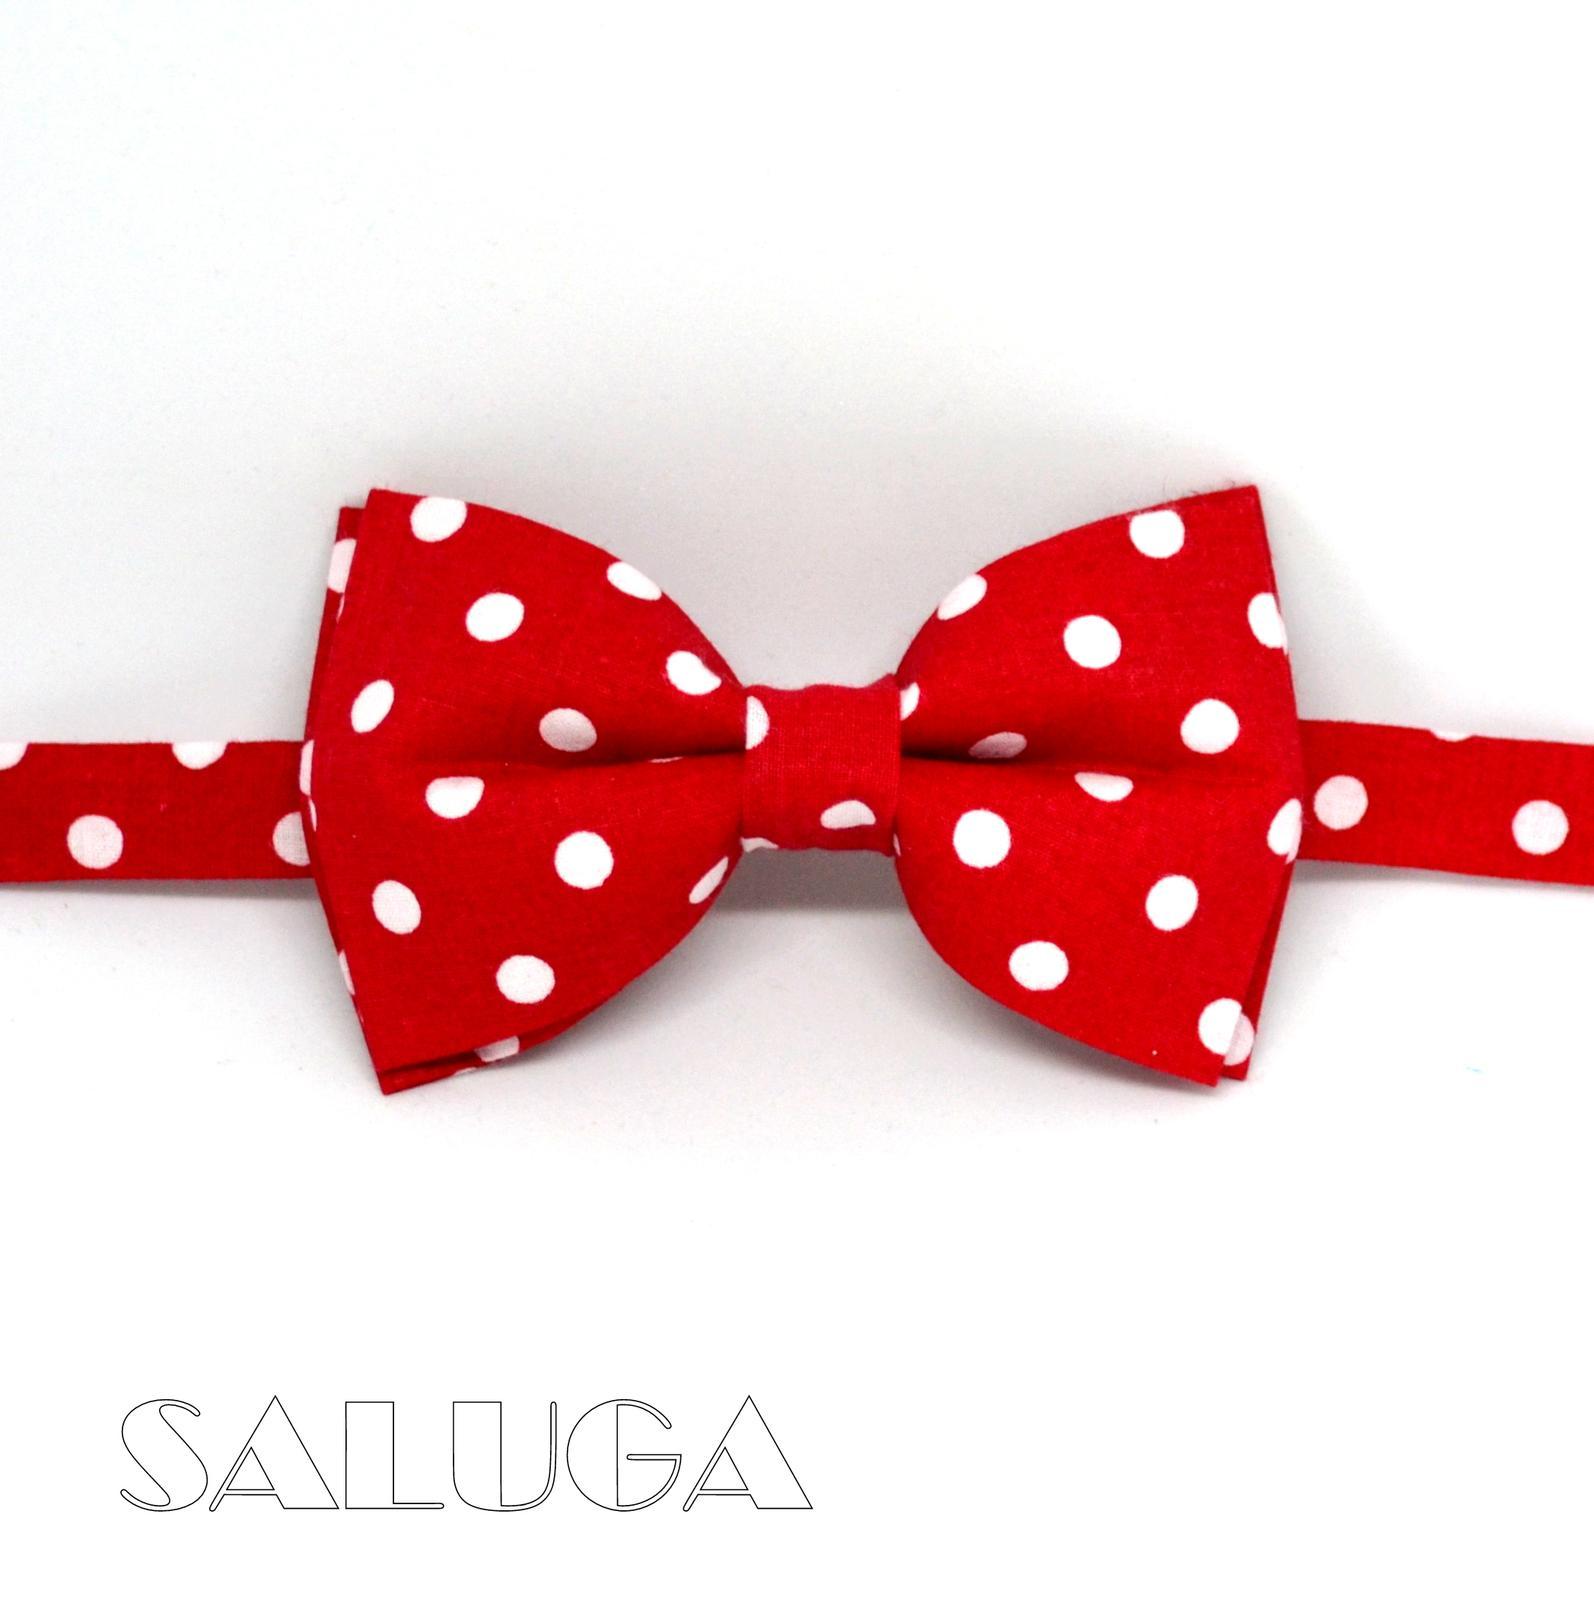 Pánsky červený motýlik na biele guľky - retro - Obrázok č. 1